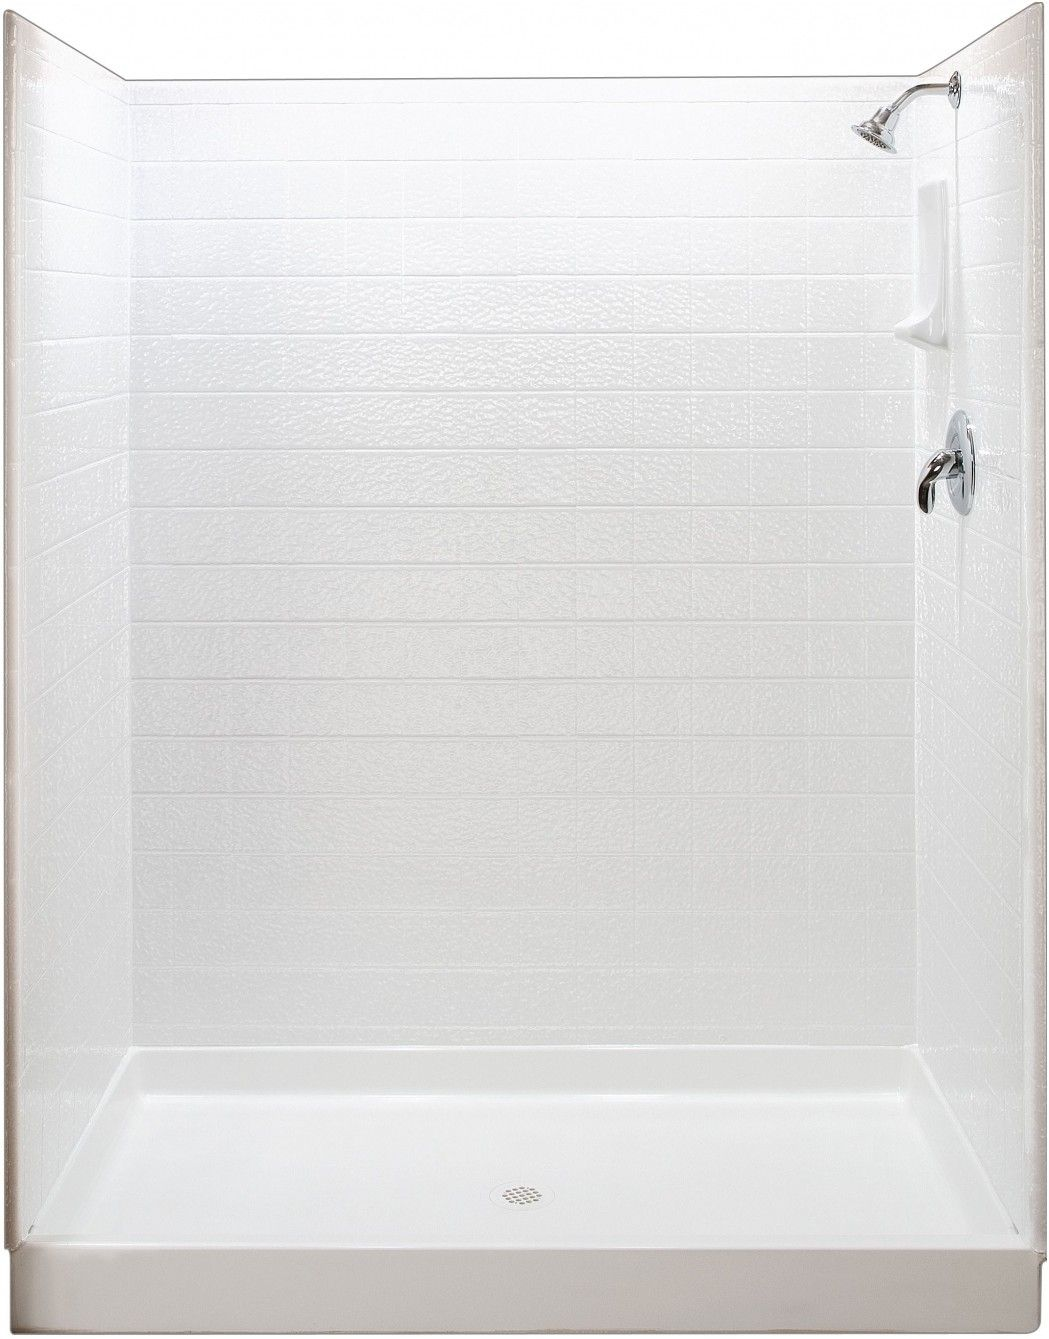 Bathroom Floor Liner Wood Floors From